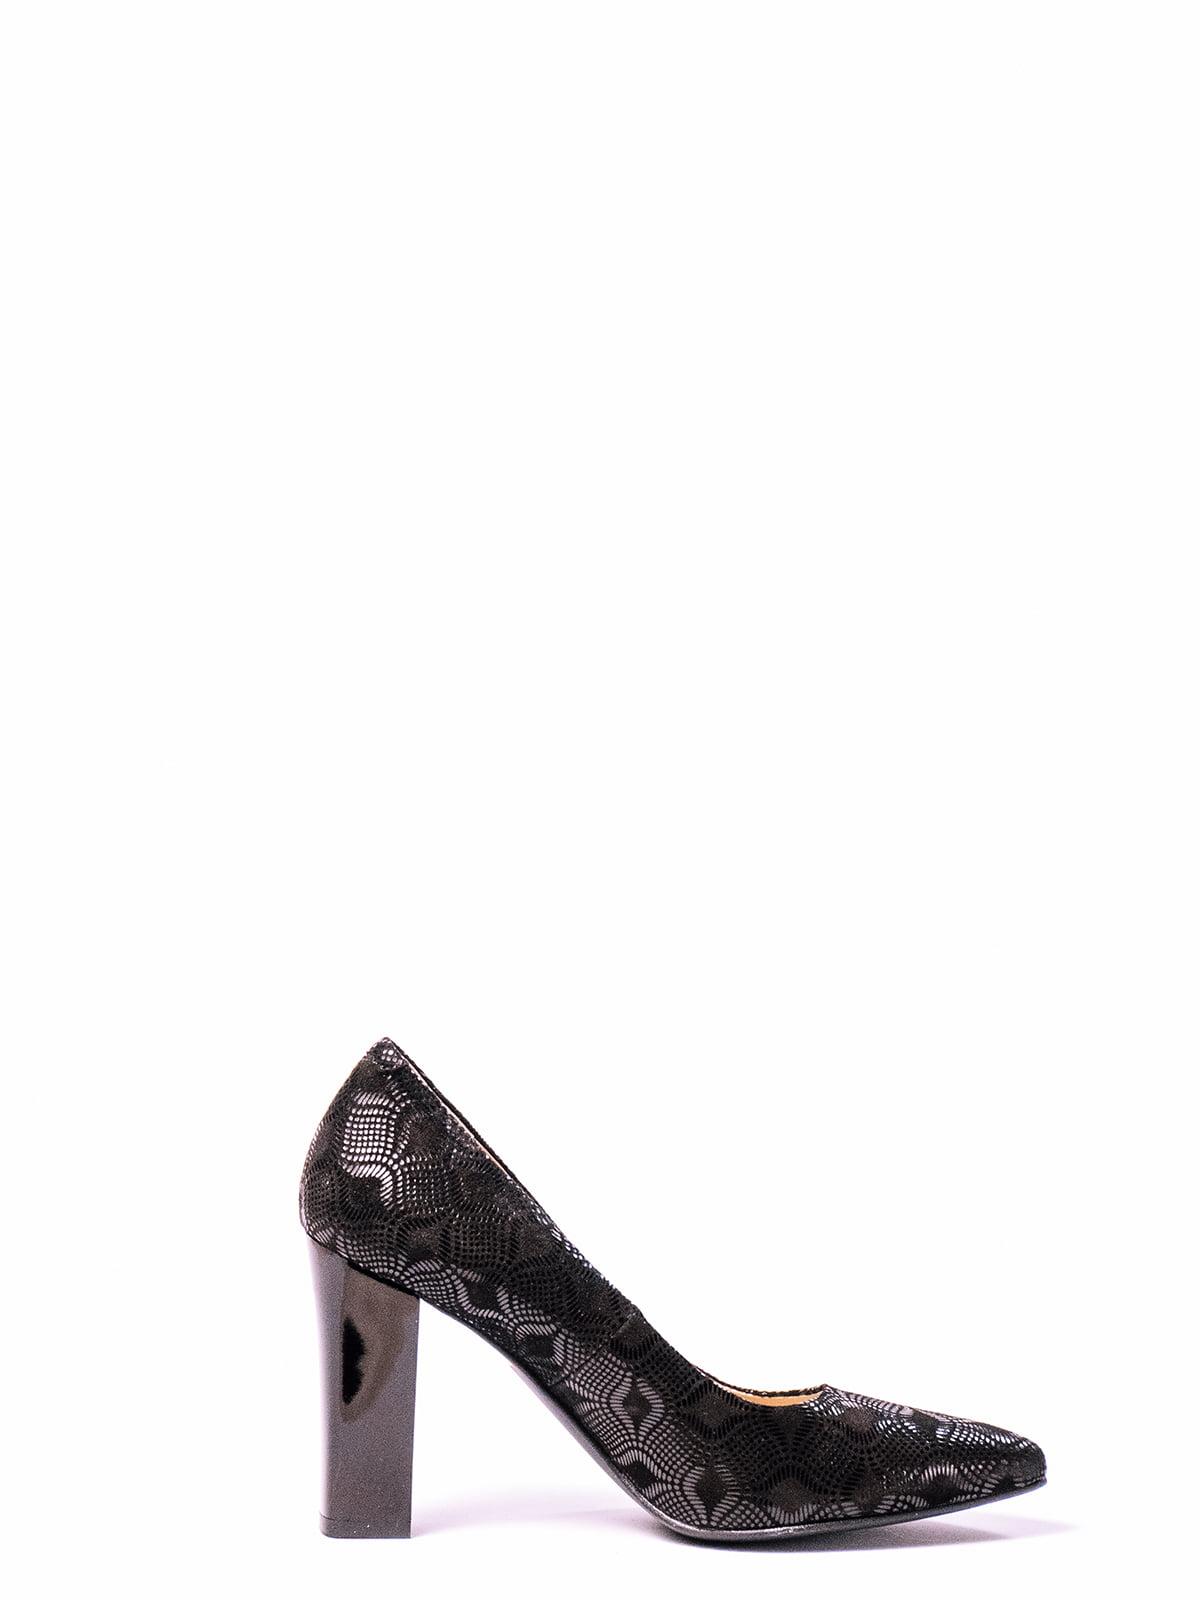 Туфли черные с рисунком | 4860331 | фото 2